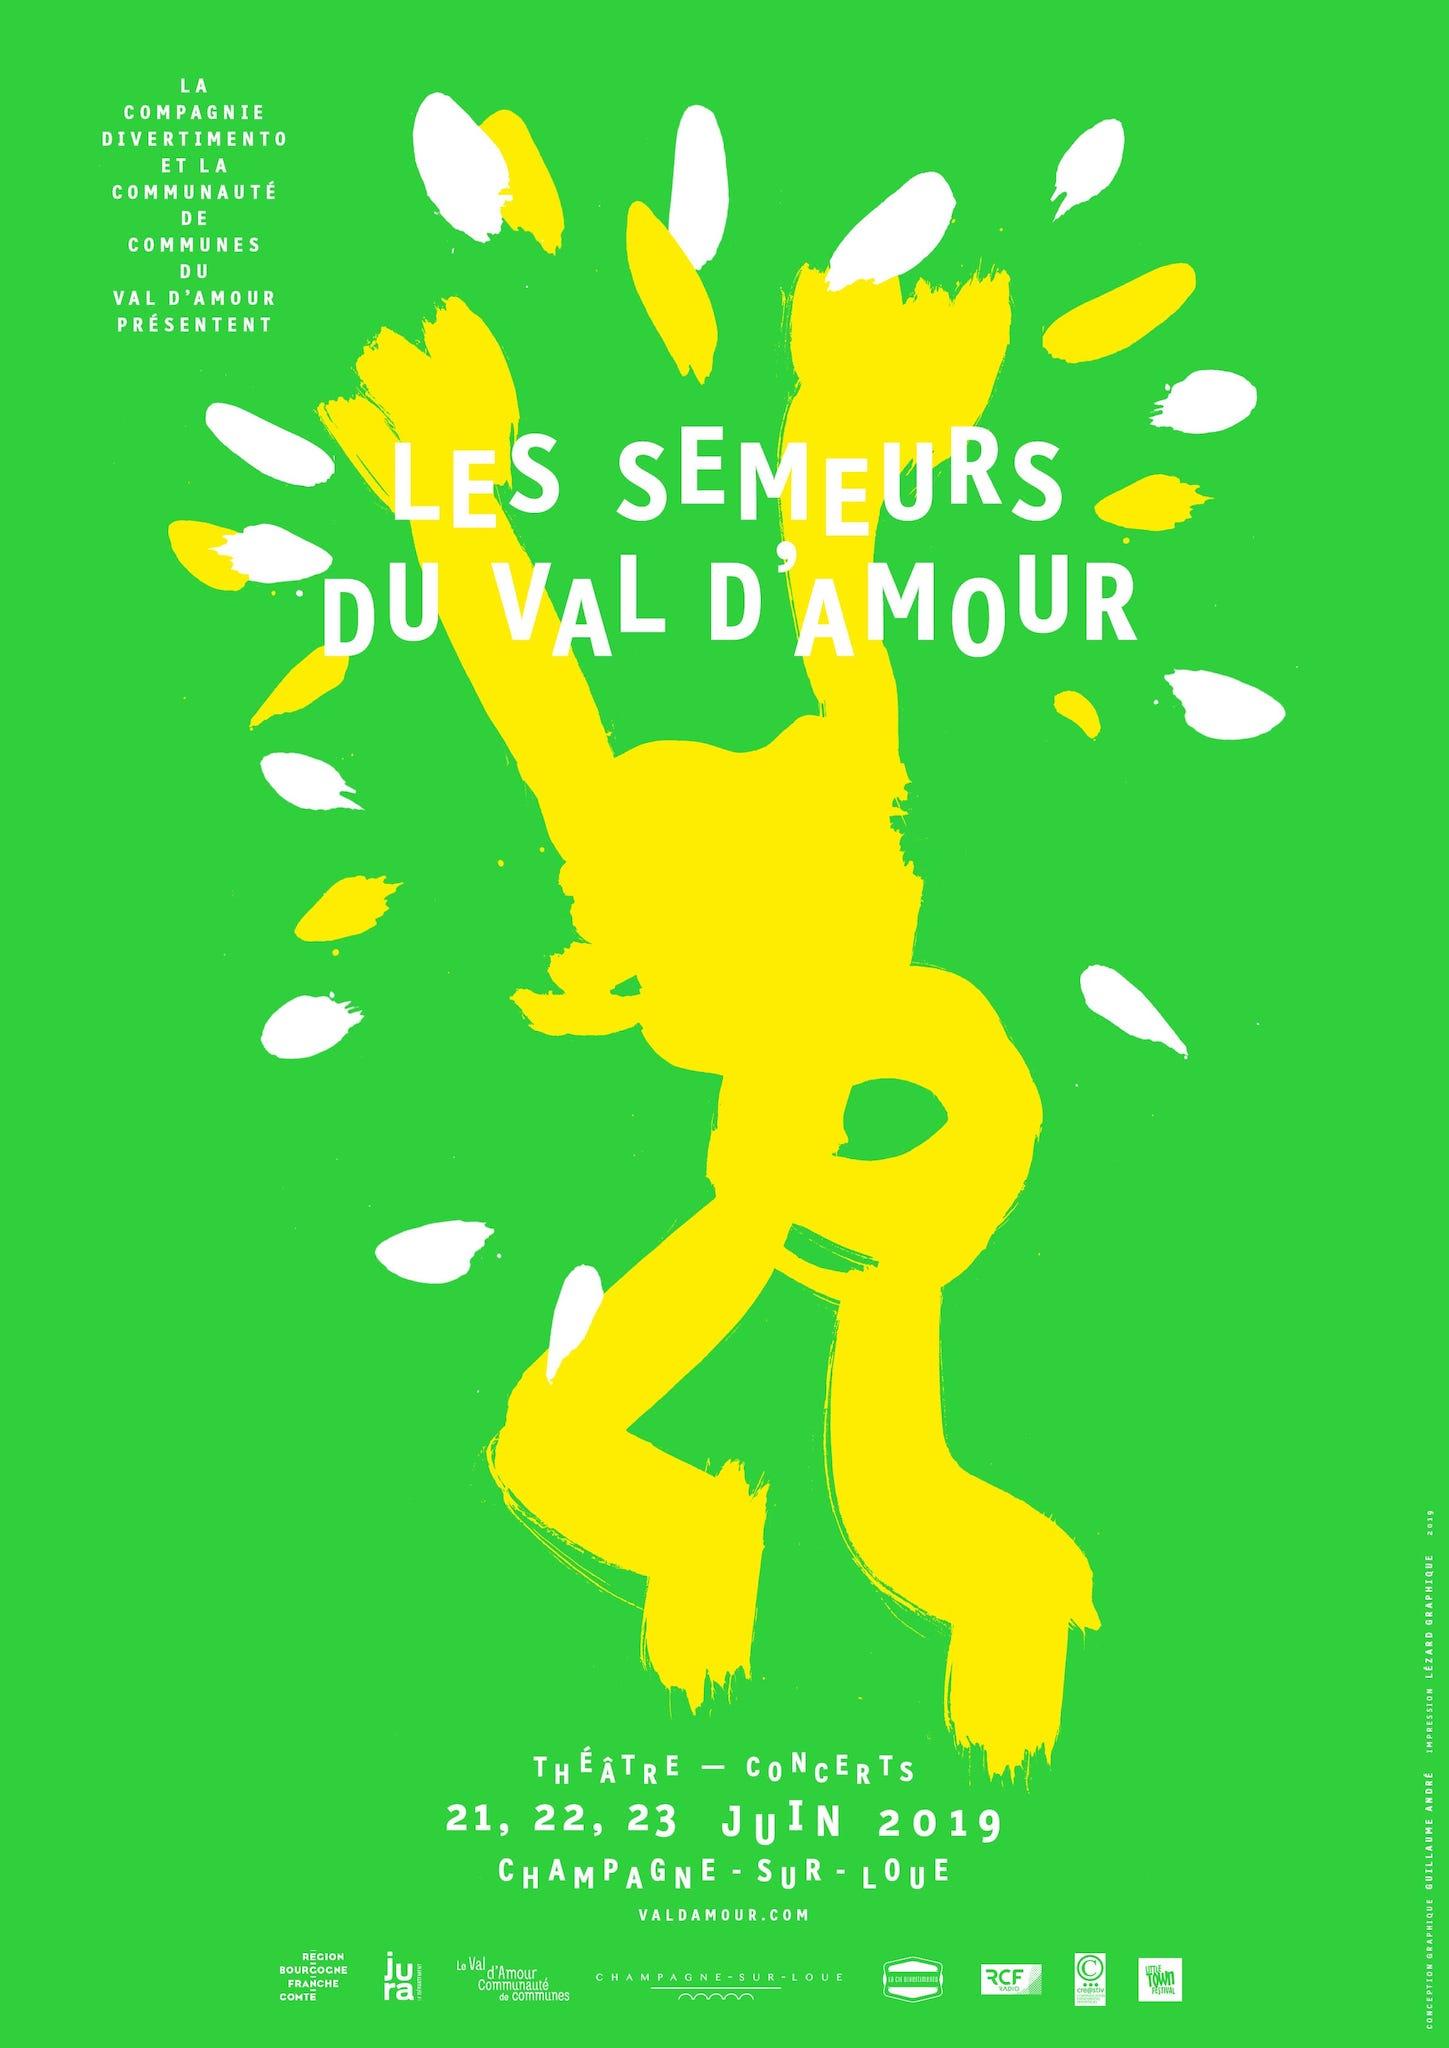 Festival Les Semeurs du Val d'Amour 2019 affiche festival de spectacles et musique